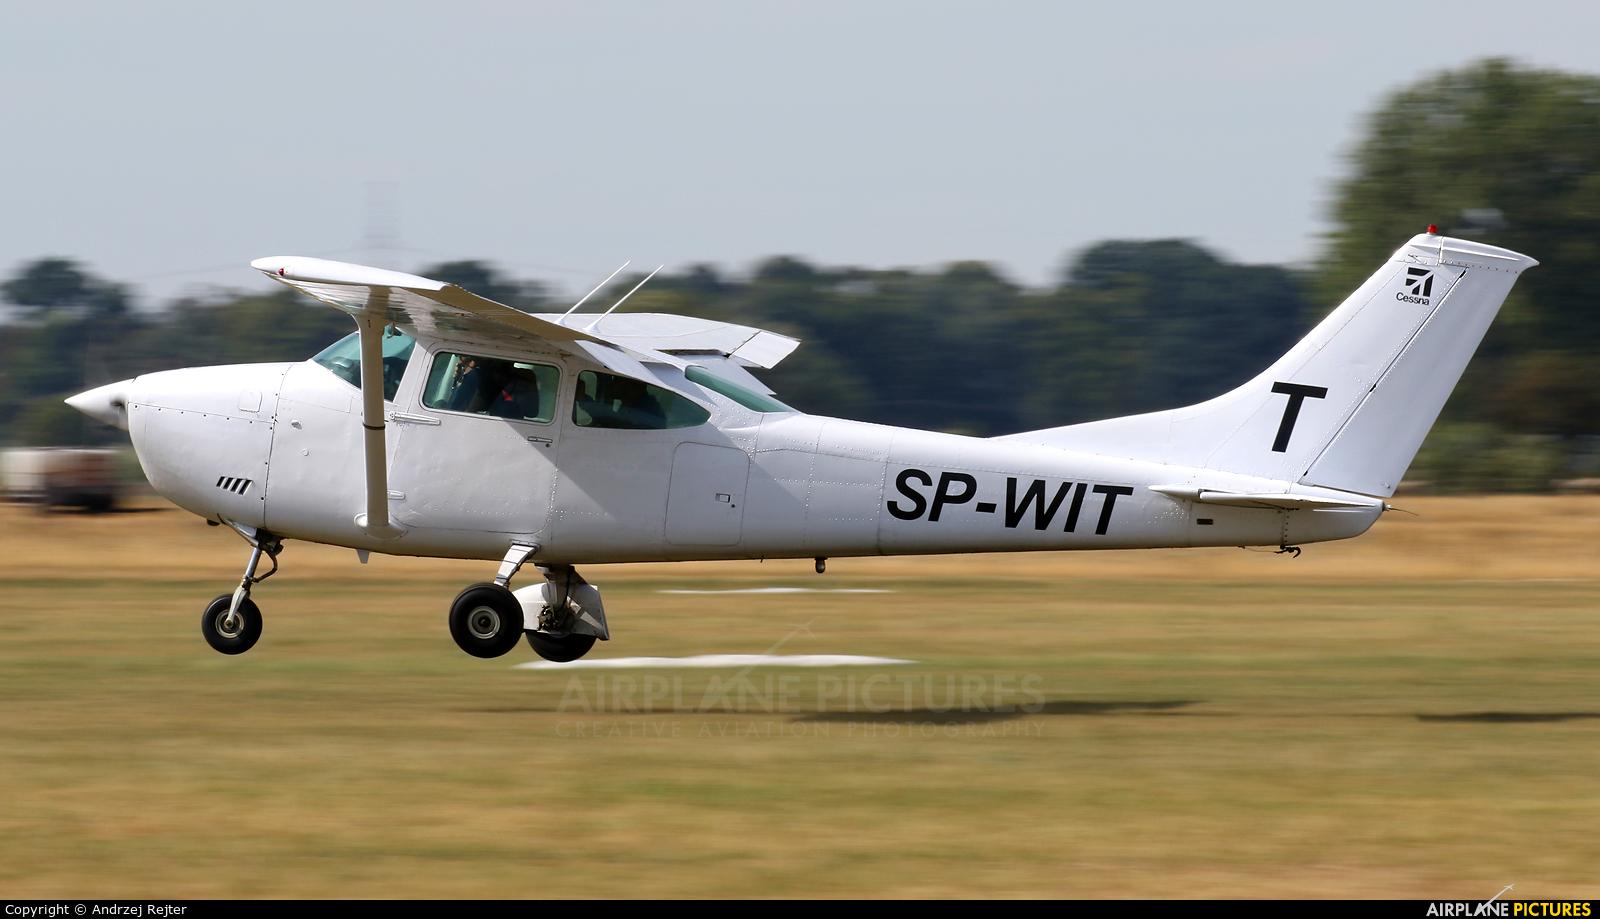 Aeroklub Kujawski SP-WIT aircraft at Leszno - Strzyżewice